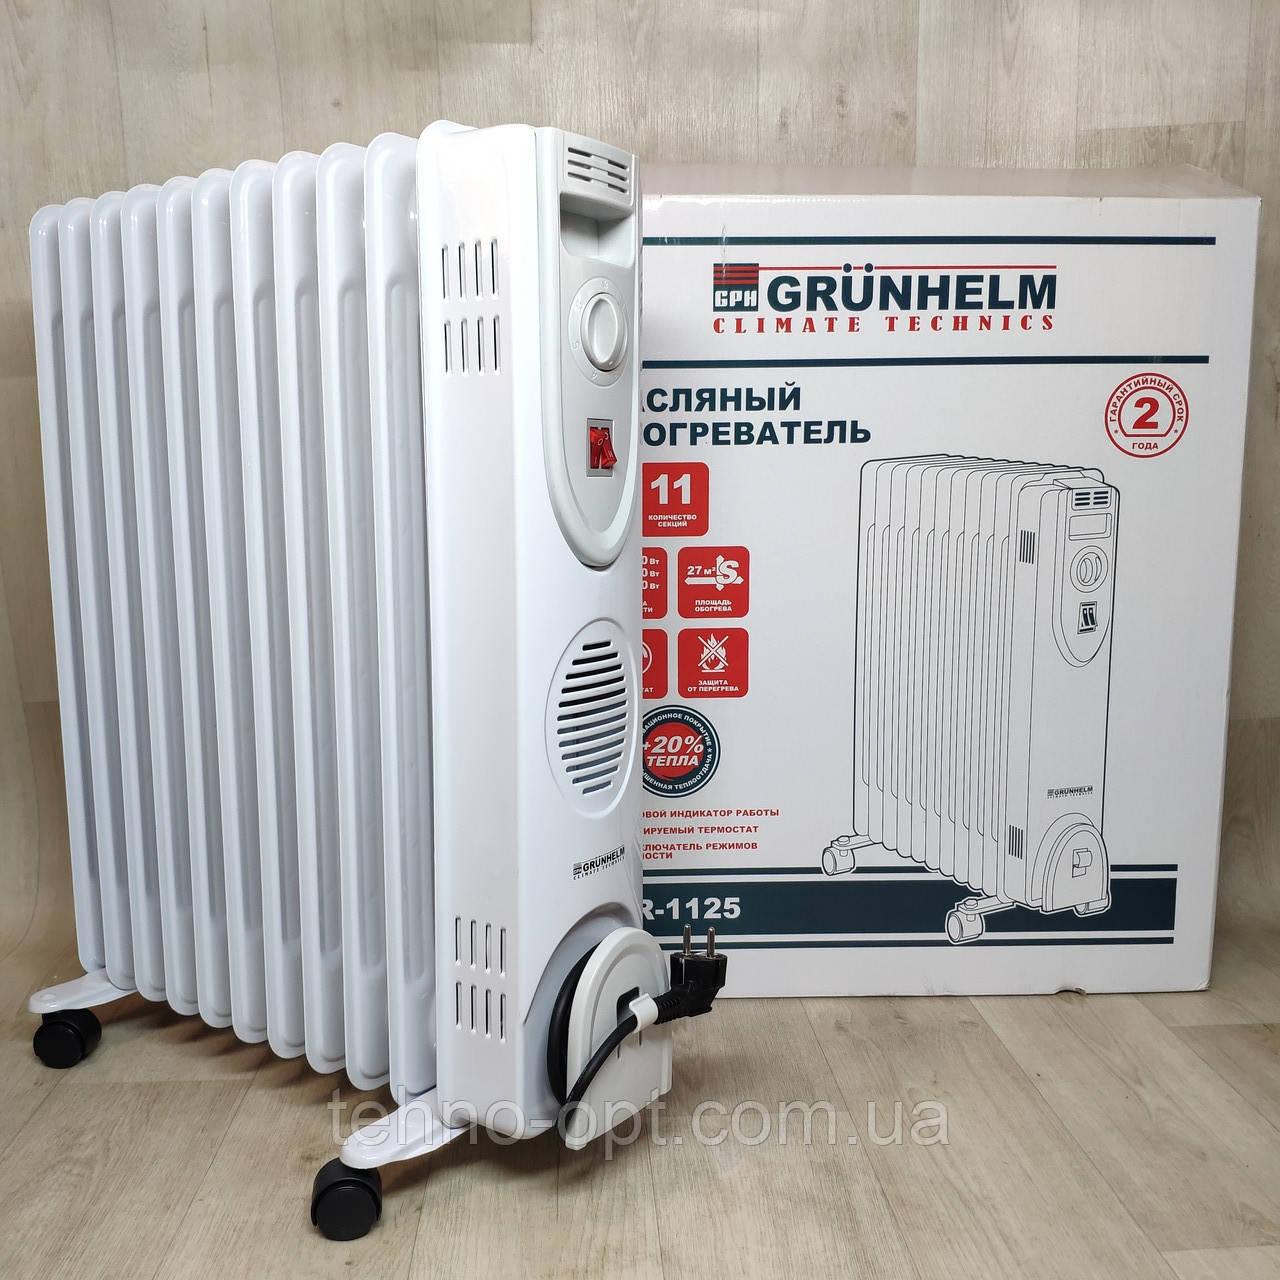 Напольный масляный обогреватель Grunhelm GR-1125 (11 секций)